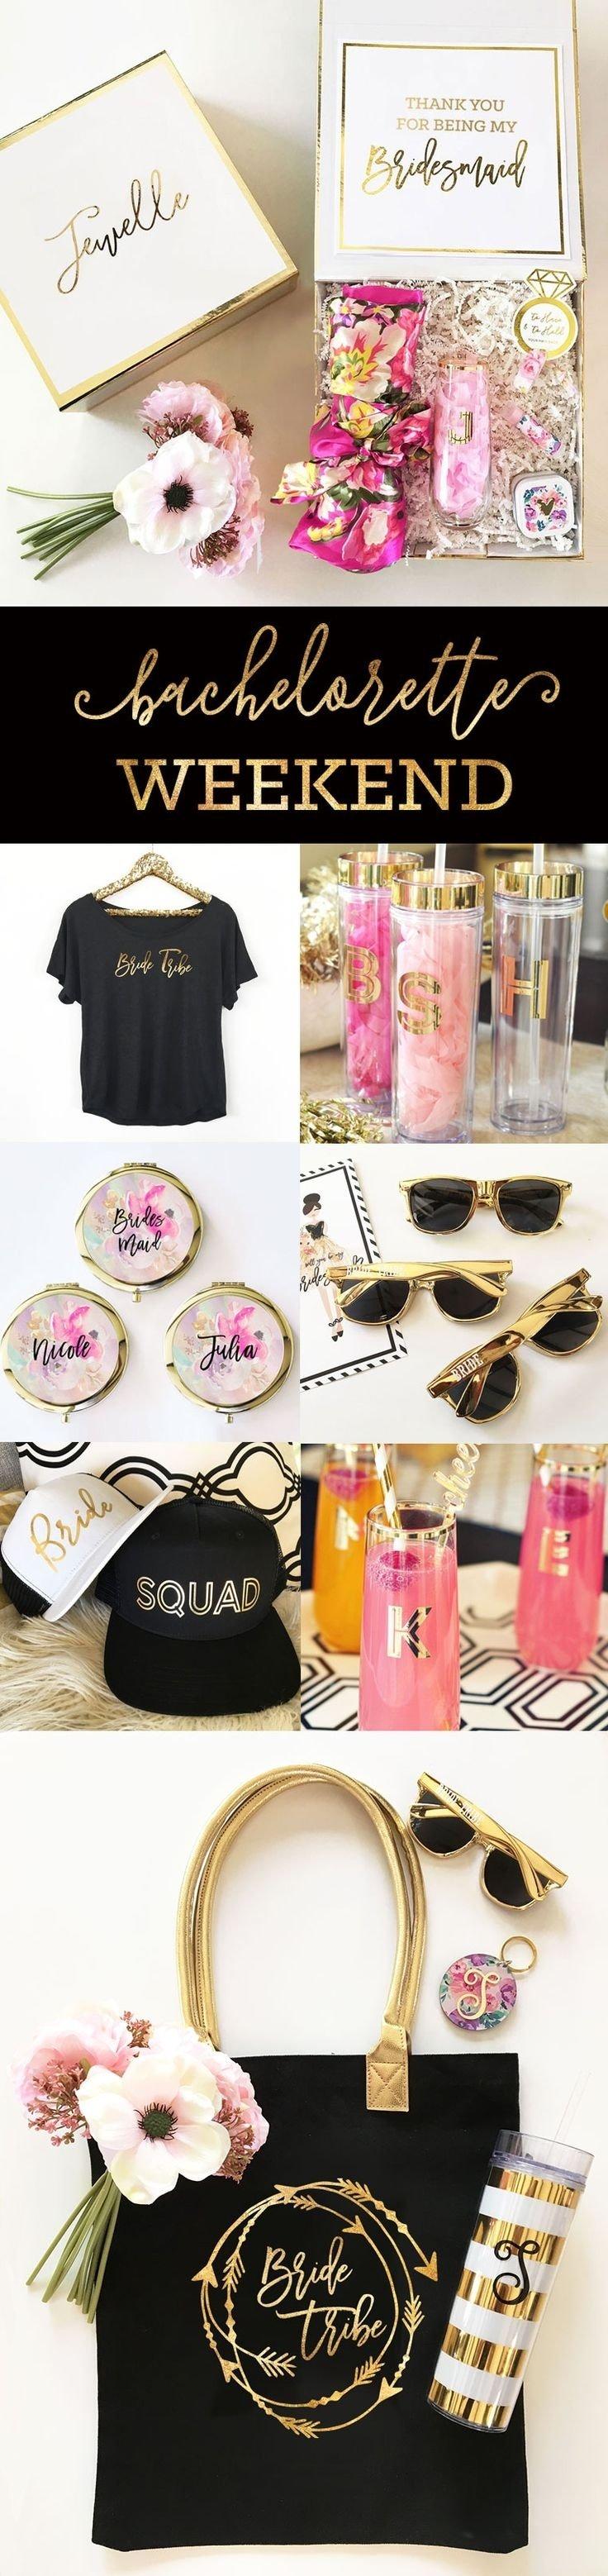 90 best bachelorette party ideas images on pinterest | bridal